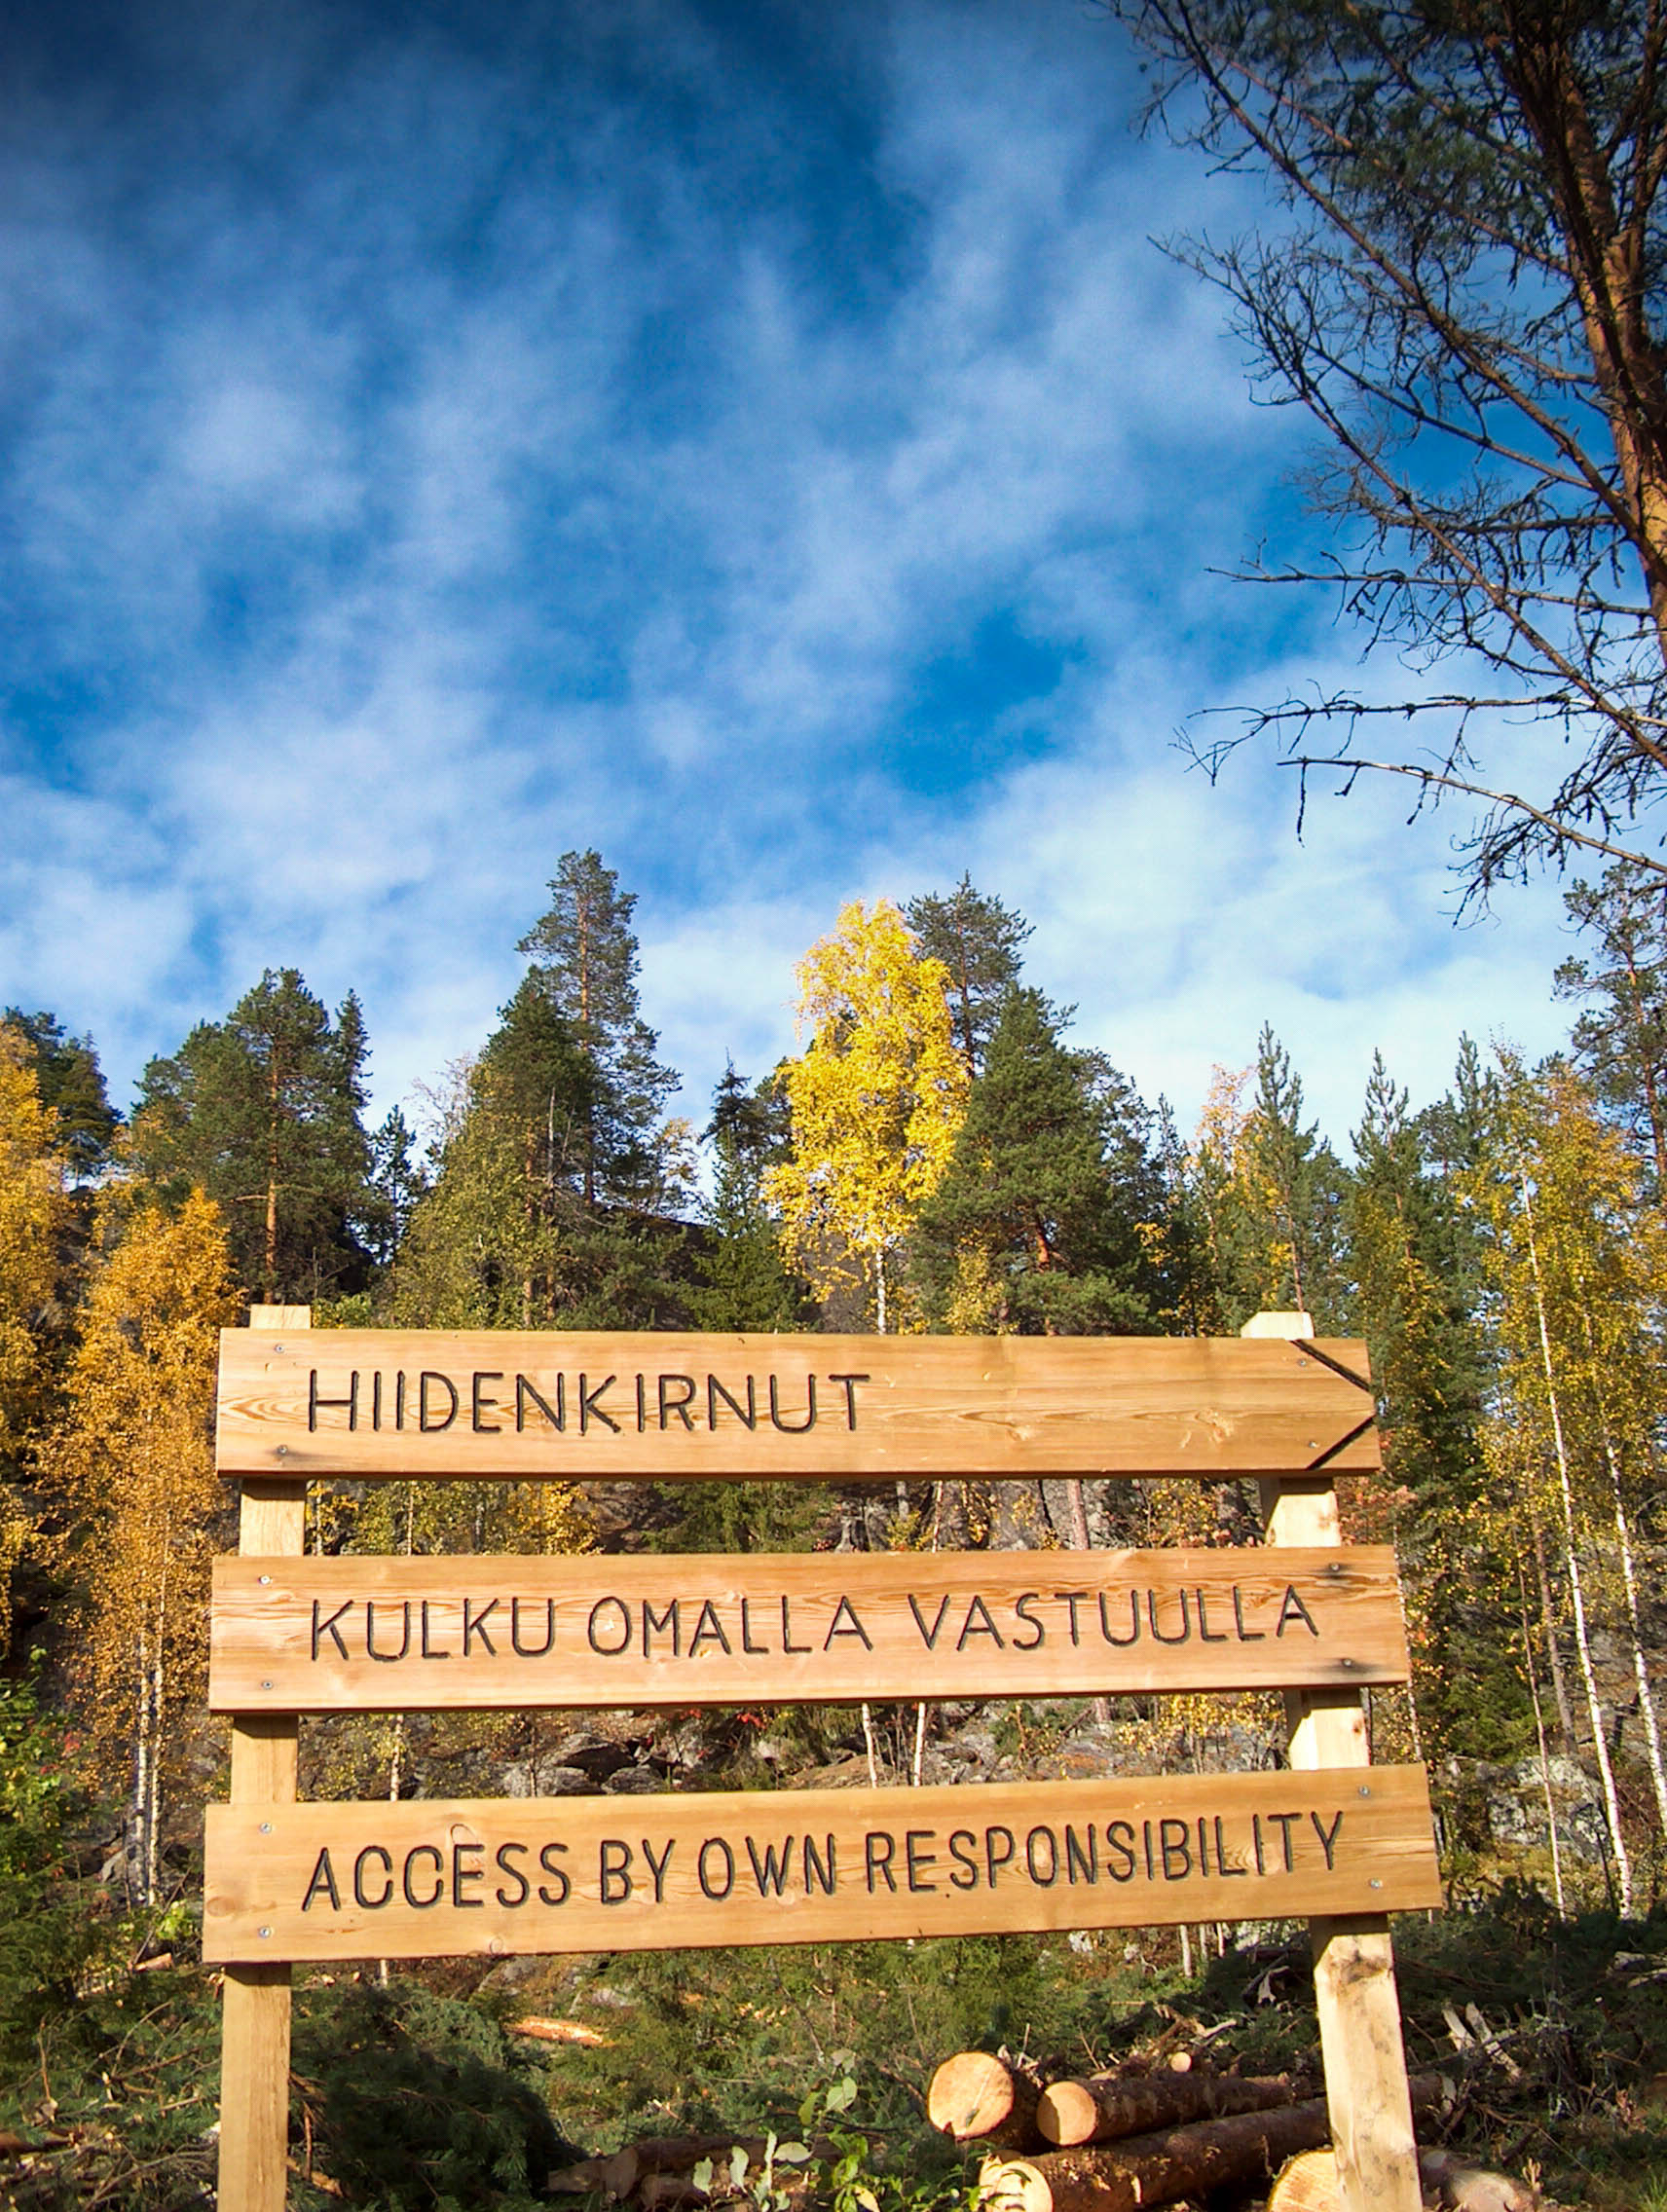 Hiidenkirnut in Rovaniemi Lapland Finland